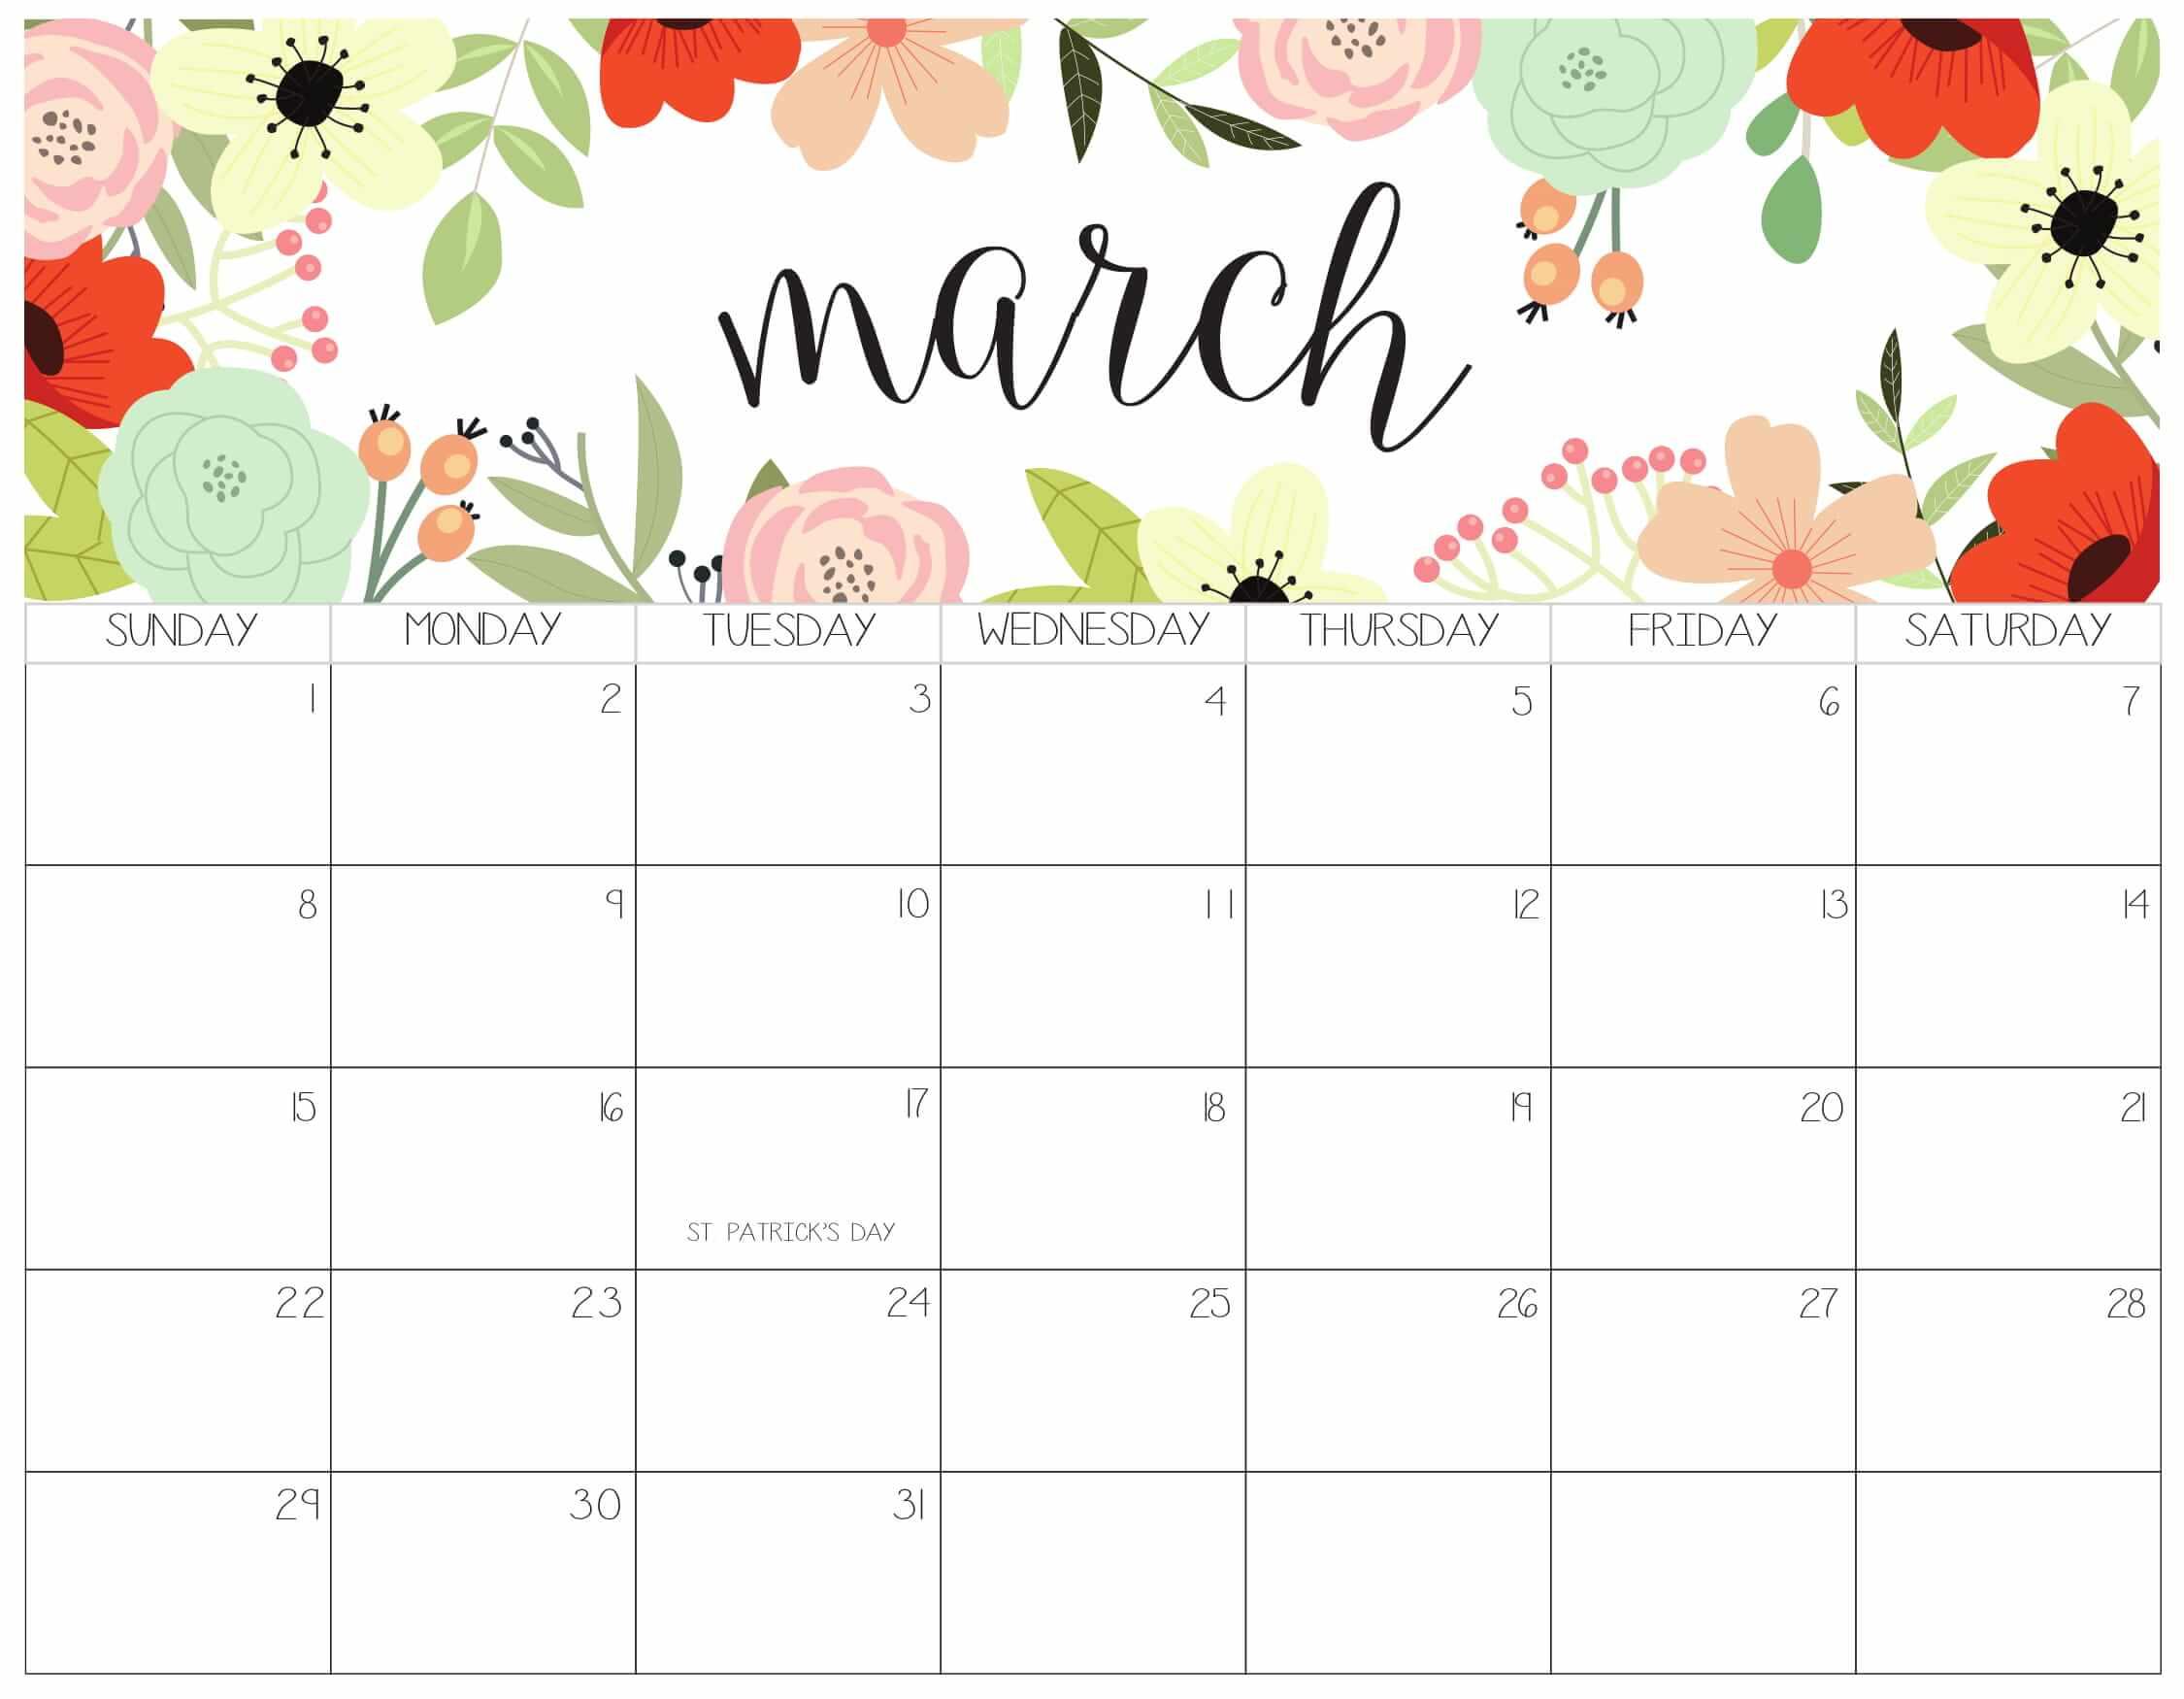 Printable March Calendar 2020 Templates - 2019 Calendars